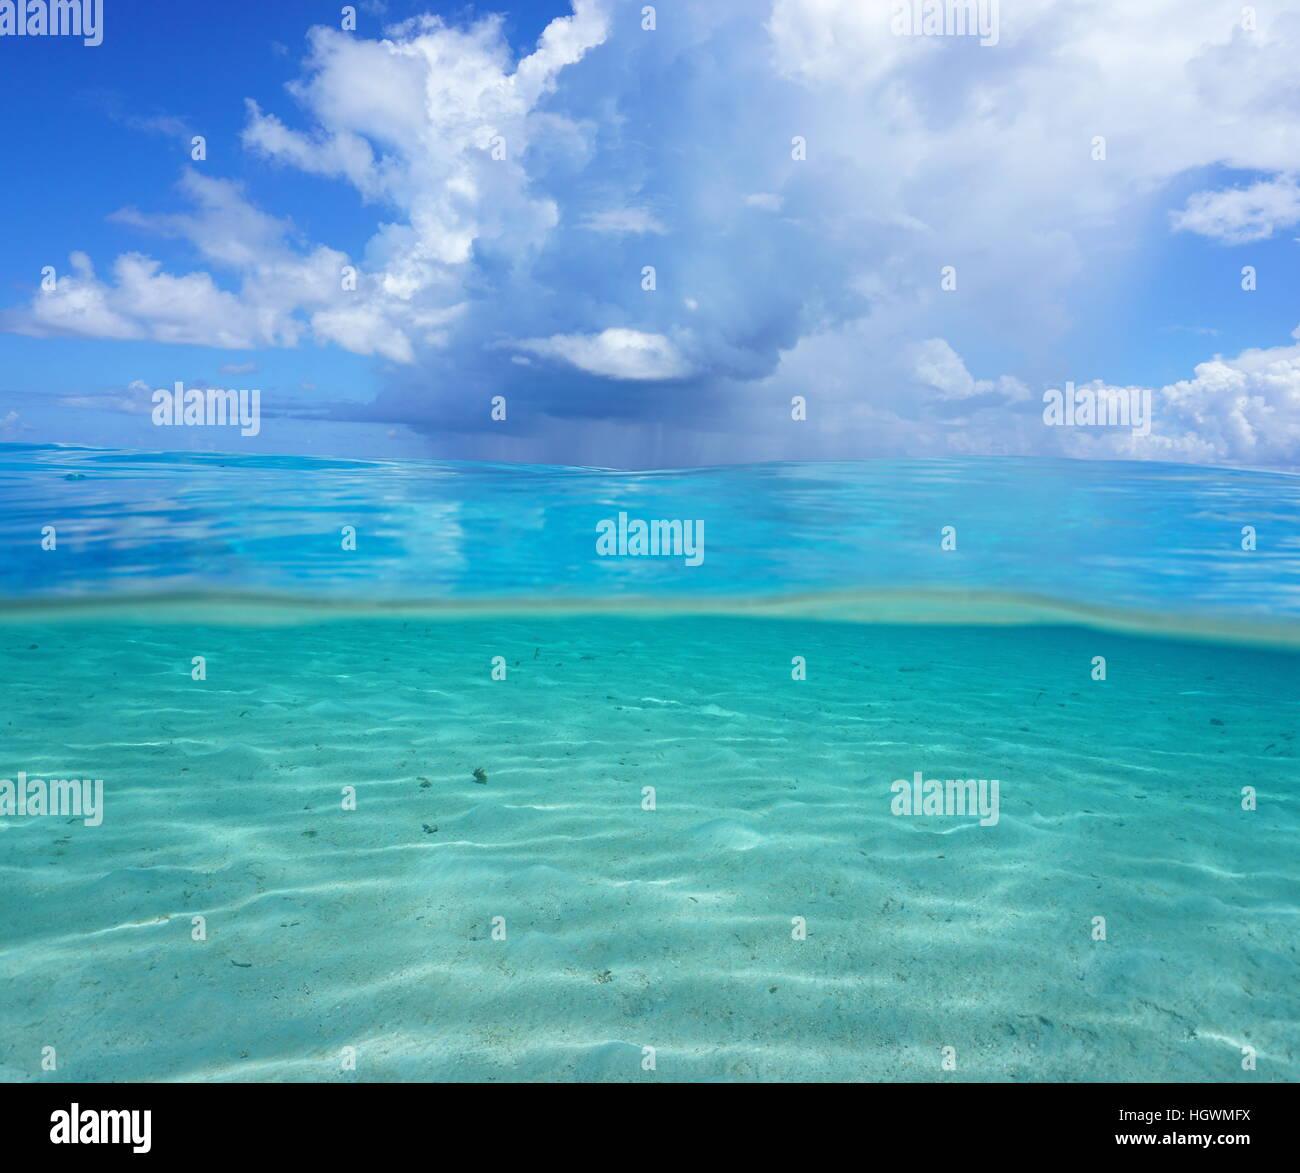 Mitad y mitad, Océano Pacífico seascape, fondos arenosos poco profundos subacuático con nublado cielo Imagen De Stock